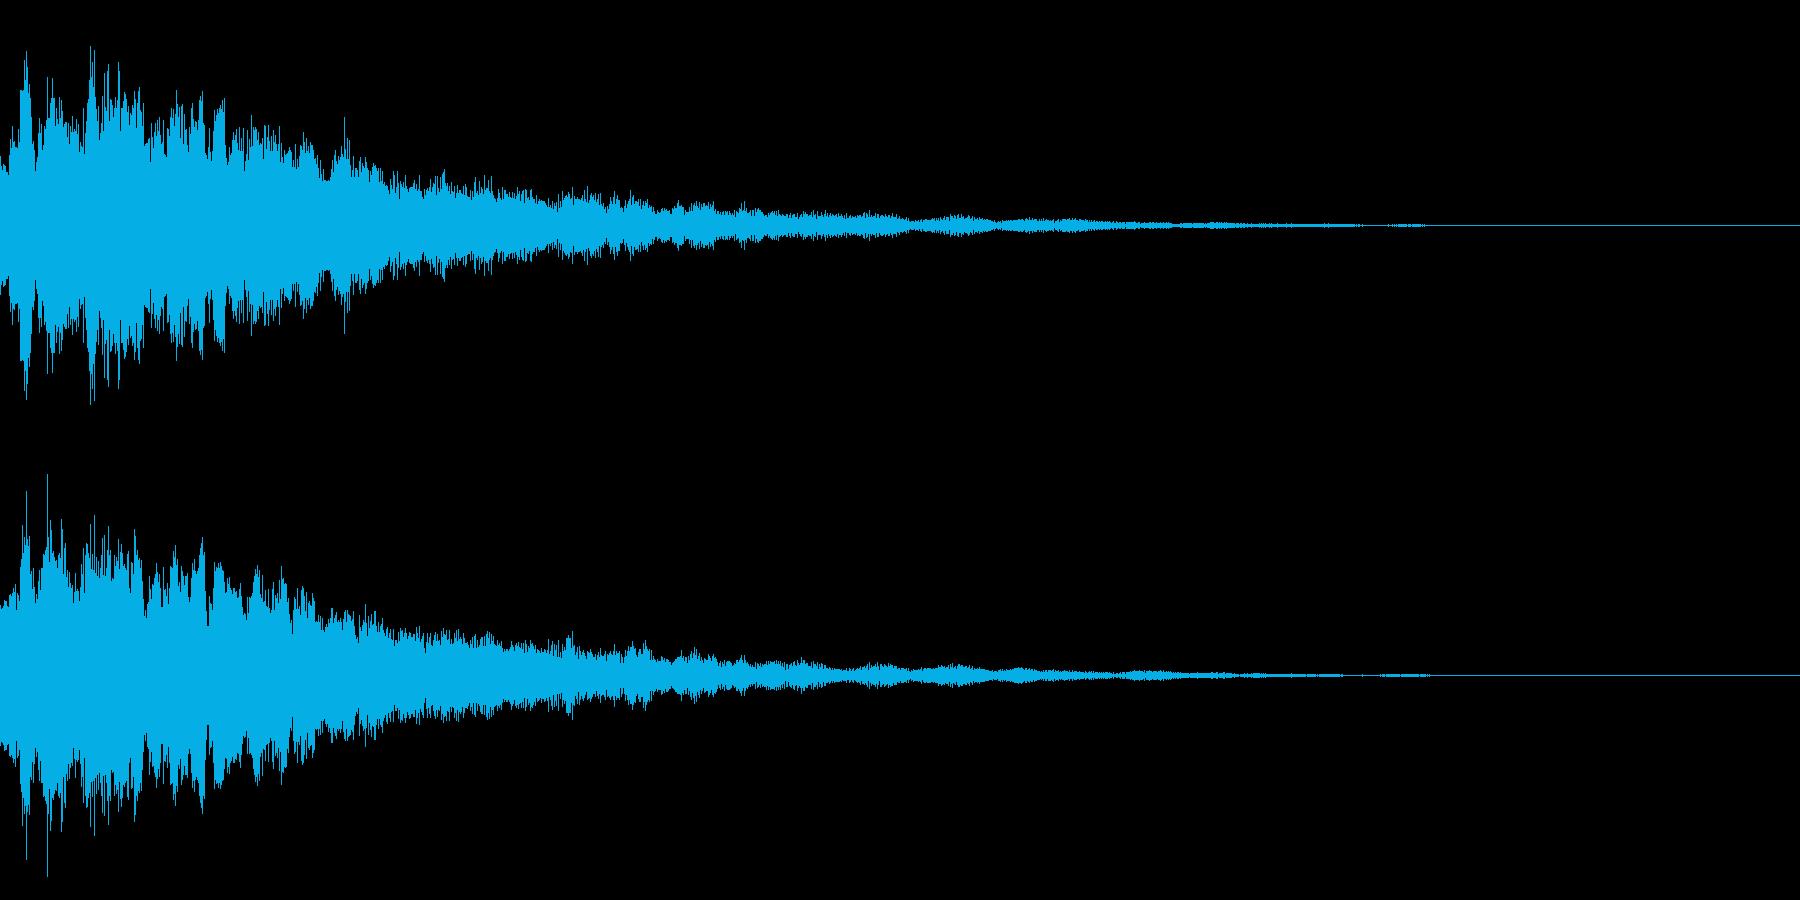 キラーンと光る音の再生済みの波形